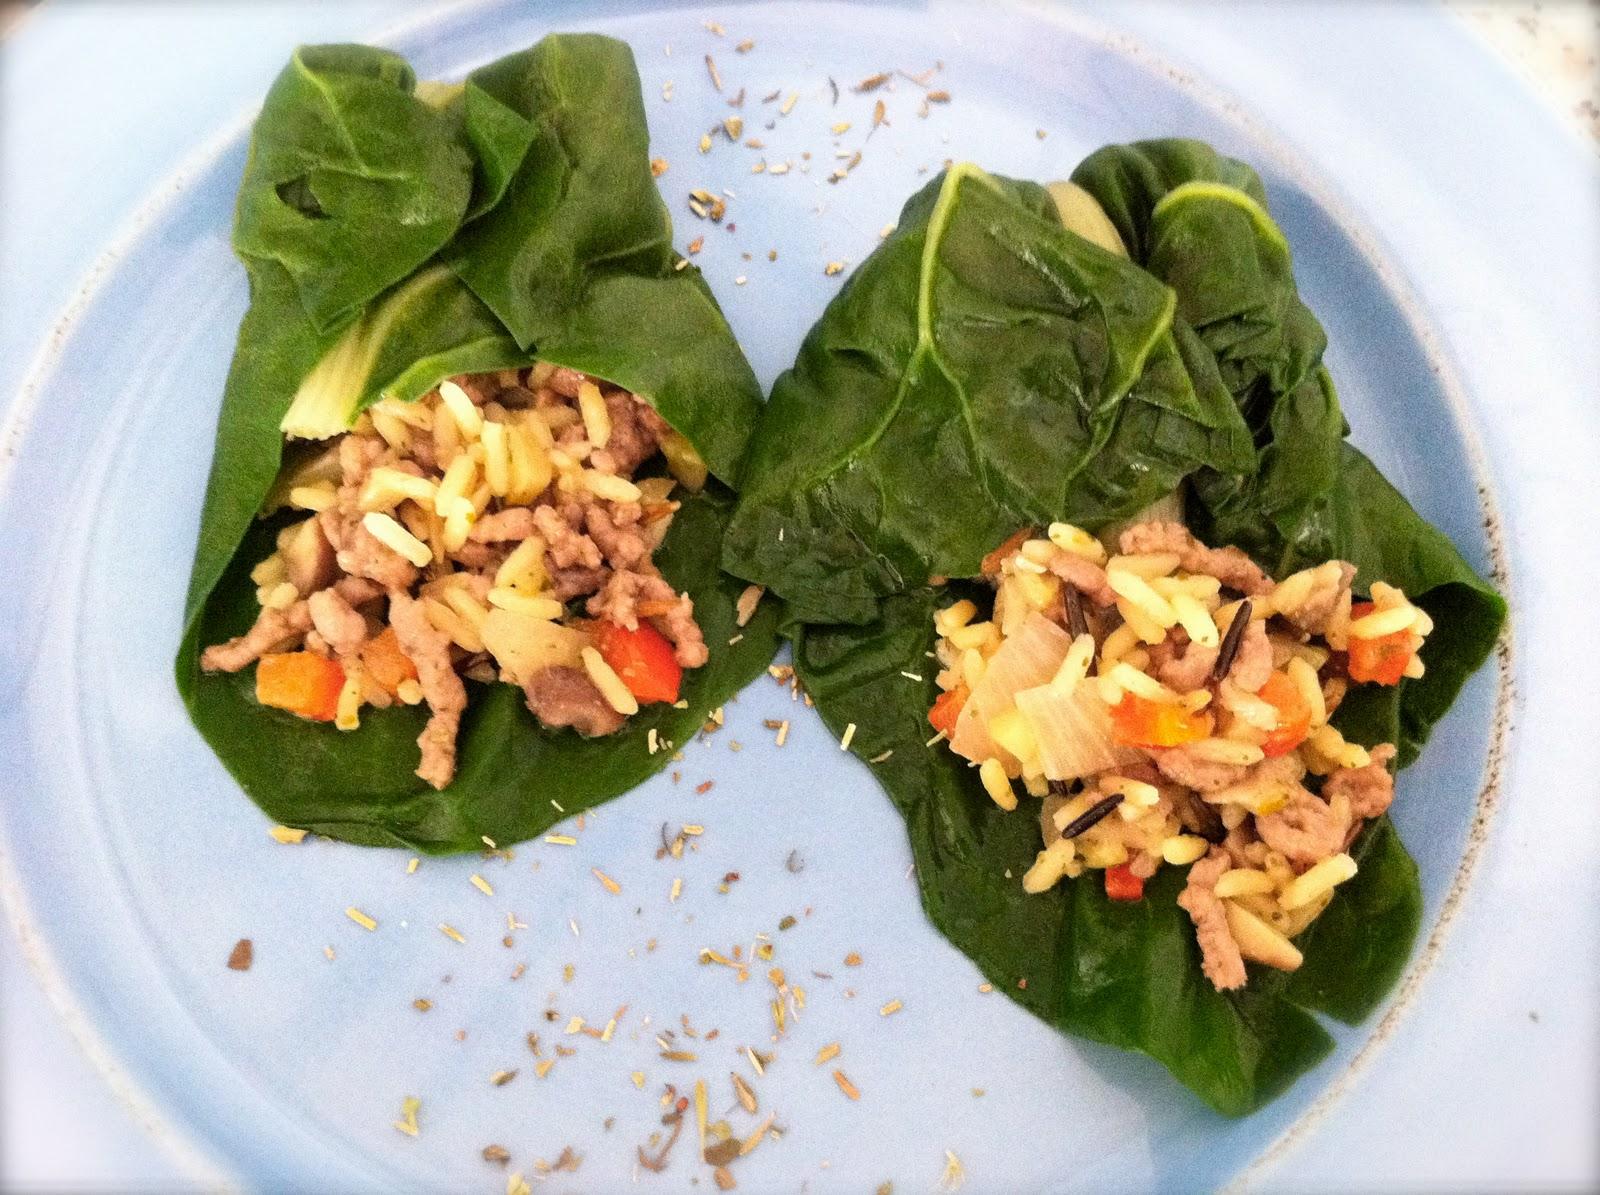 Las recetas de cocina de SofyLeon: Acelgas rellenas de arroz